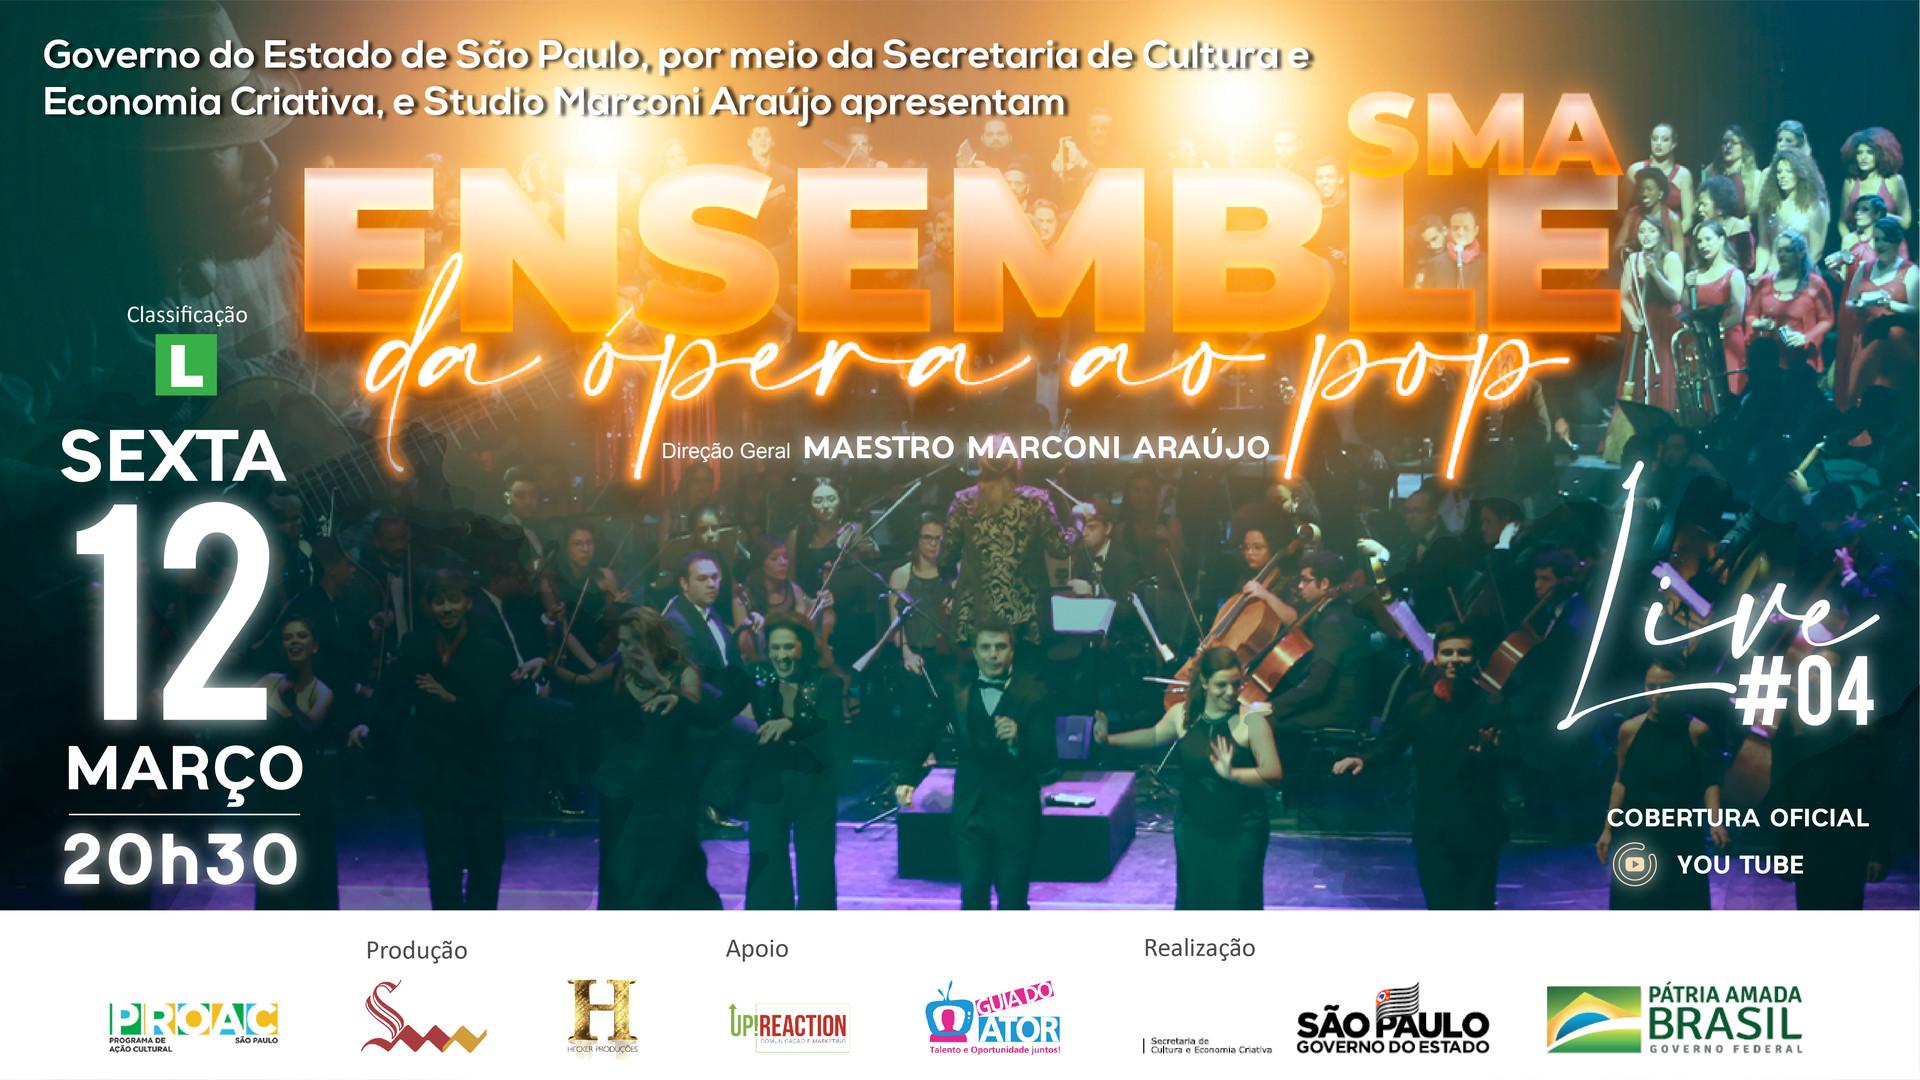 Mostra Musical Ensemble Sma